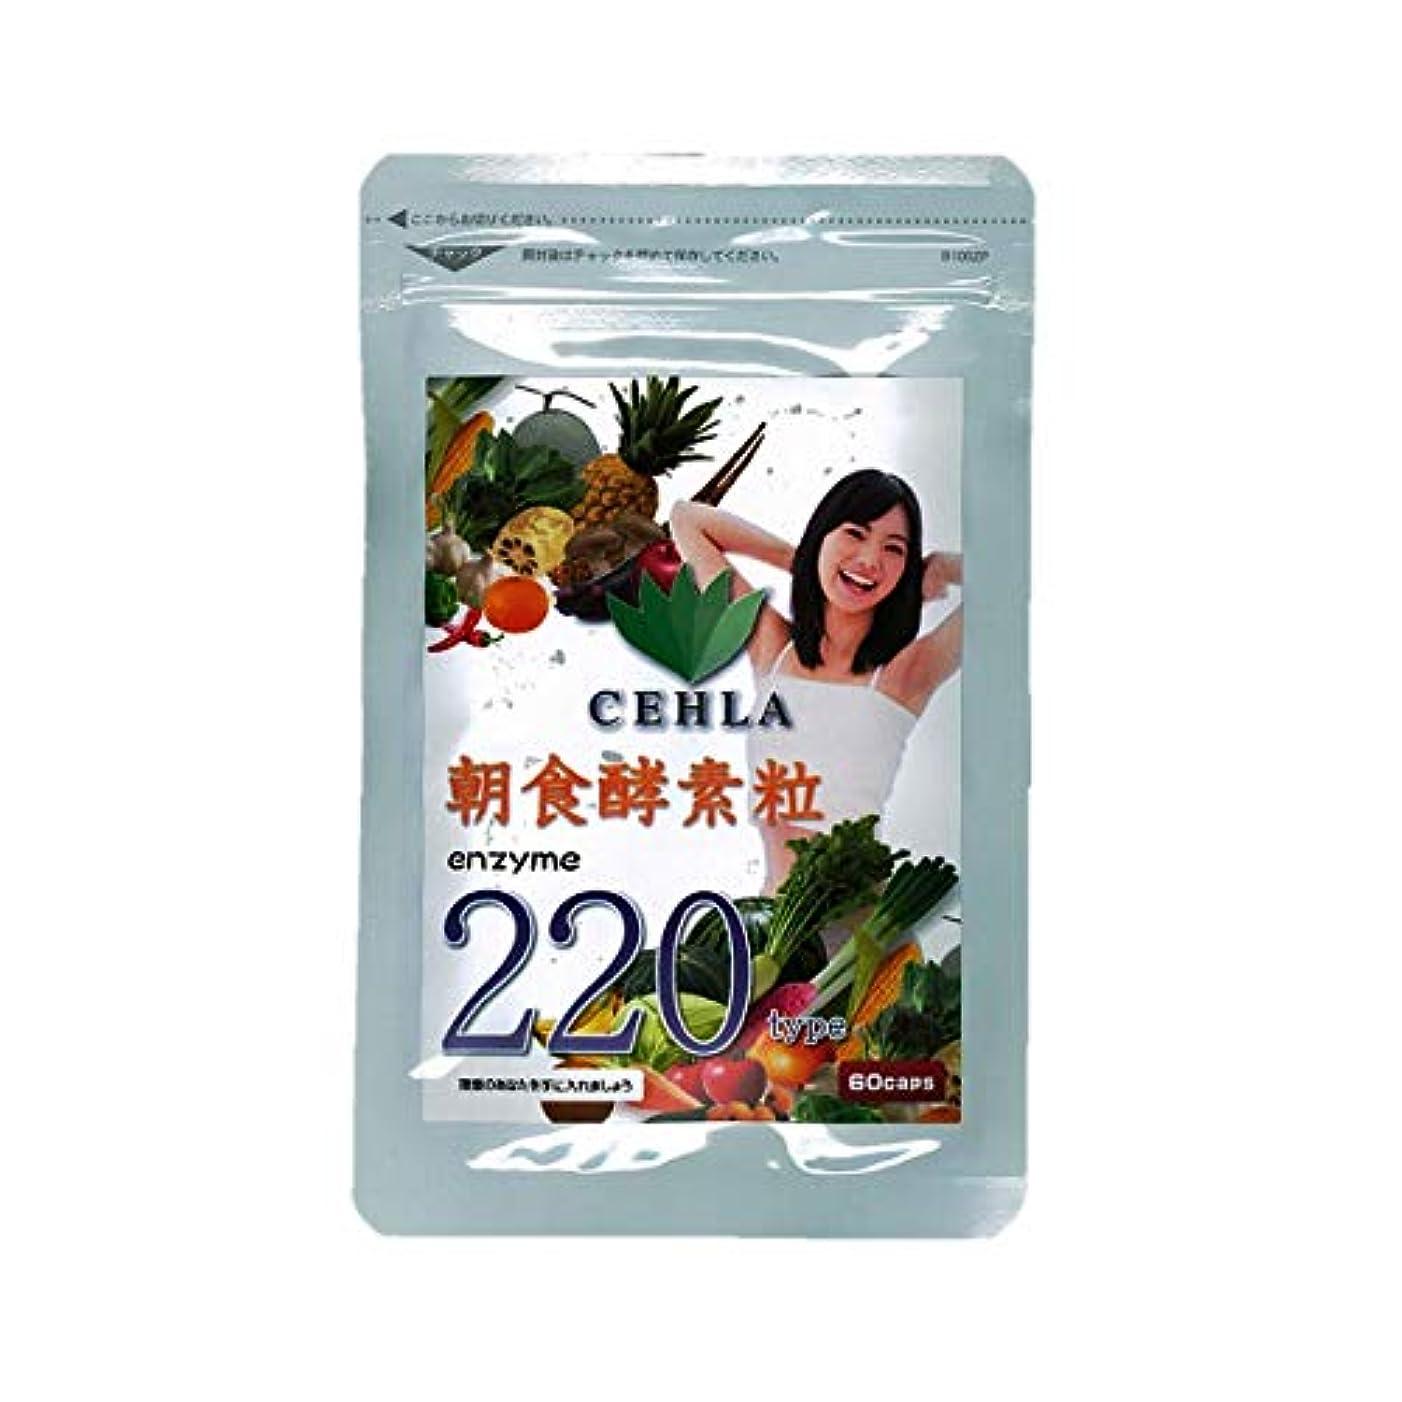 悲しいニンニク八セーラ朝食酵素粒エンザイム220種